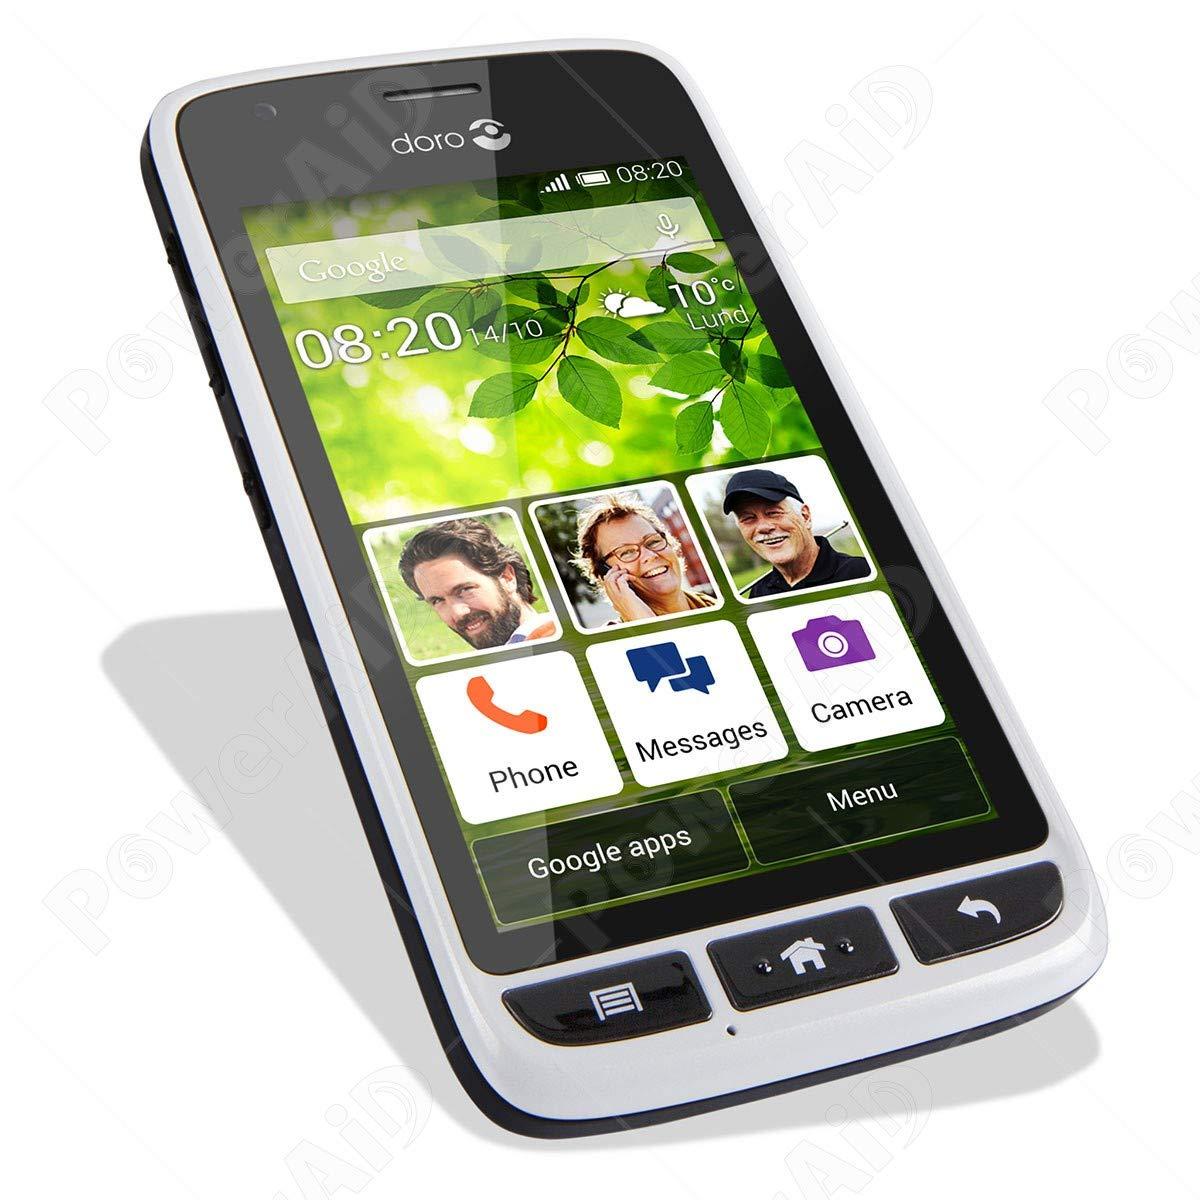 Doro Liberto 820 Mini Blanco/Plata Teléfono Smartphone: Amazon.es ...